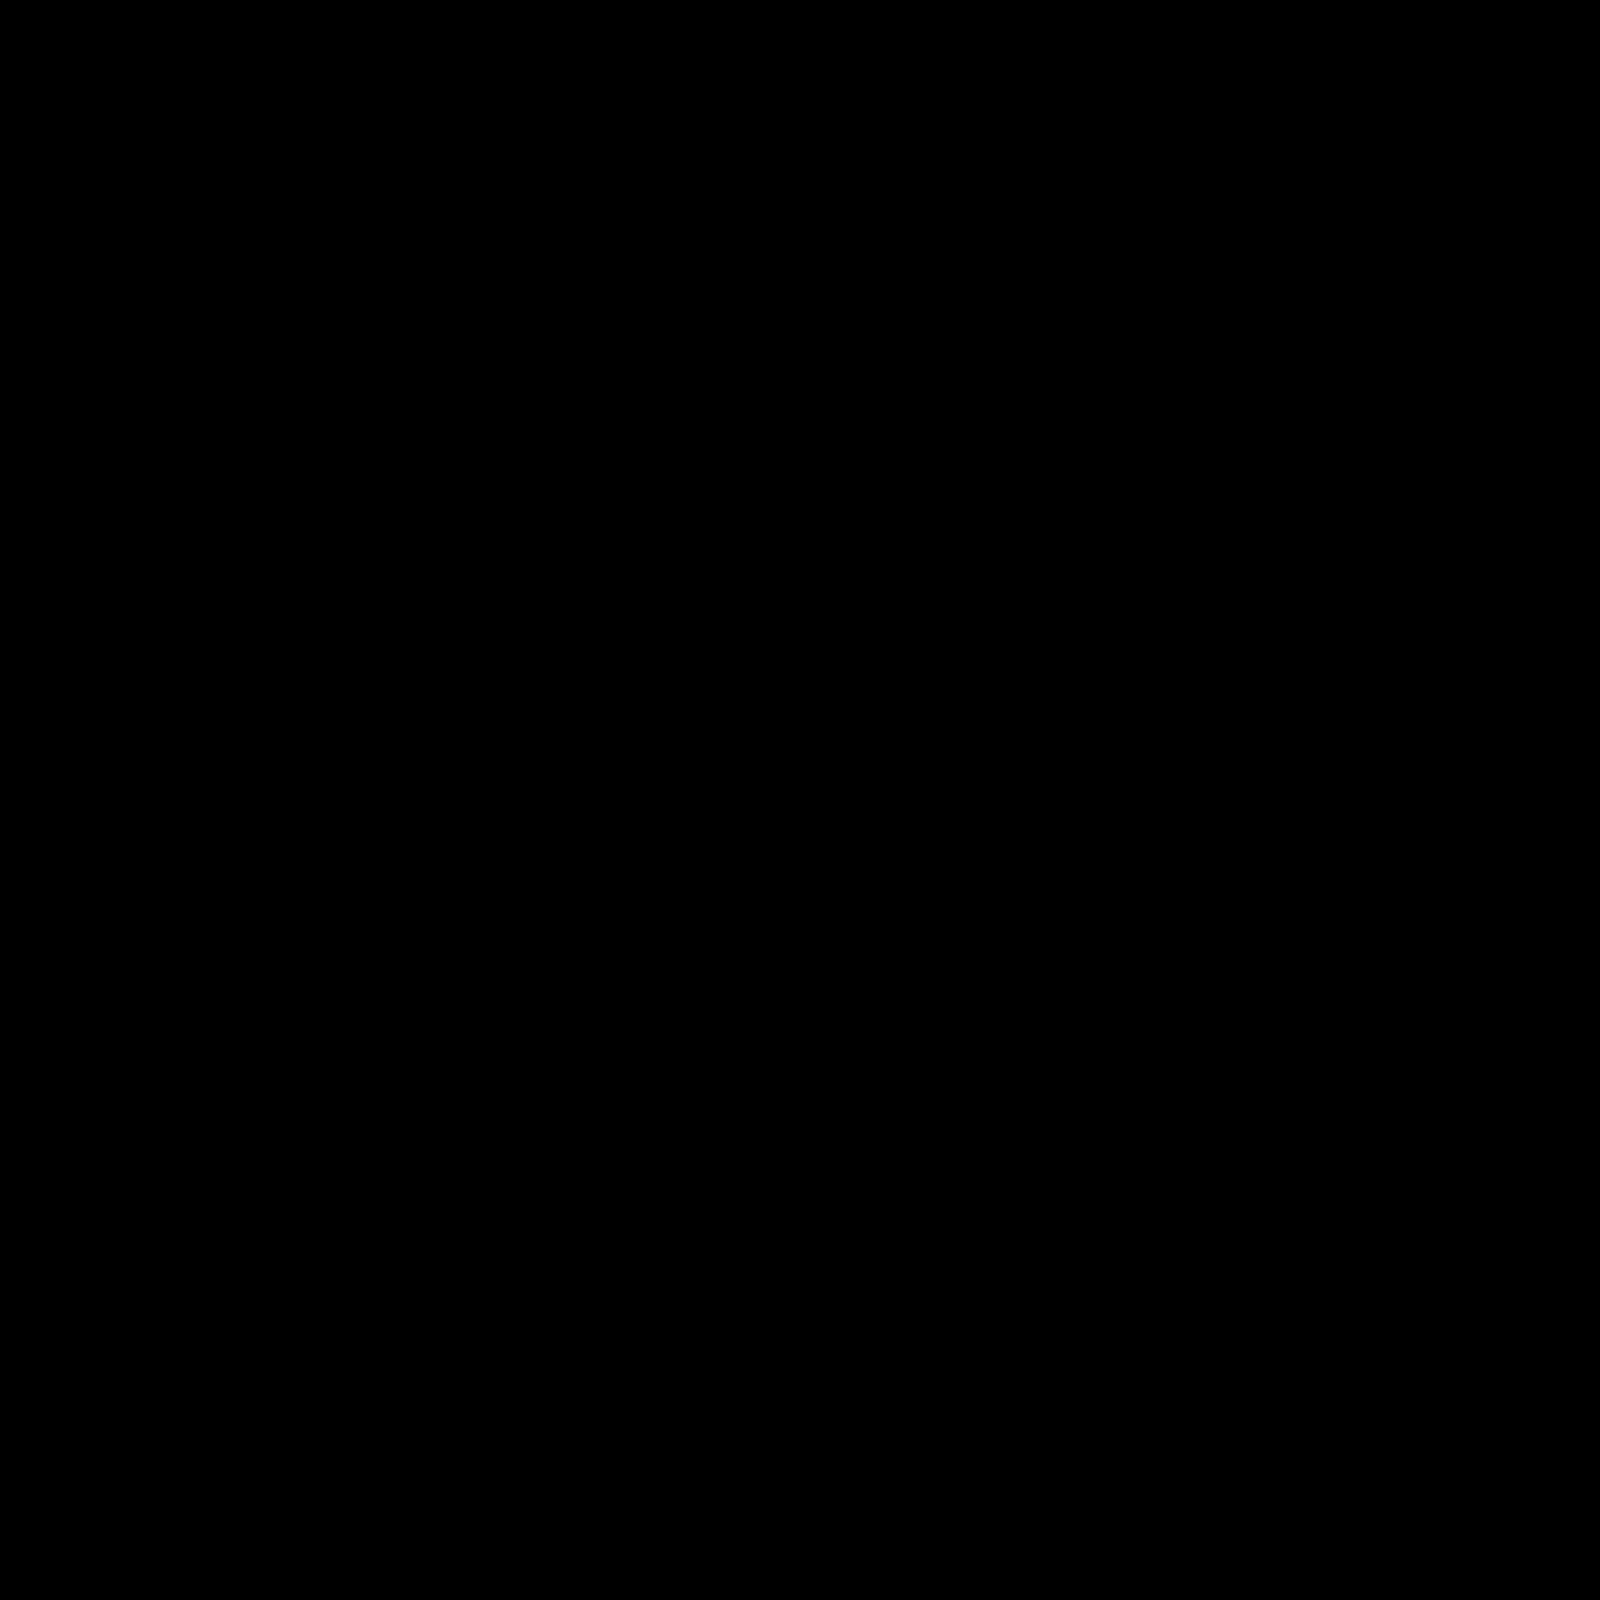 仮想マシン icon. The  virtual machine has two frames with one frame on top of and slightly offset to the south east of the other one. Each frame consists of an inner rectangle and an outer rectangle with rounded edges with a slight gap between the two rectangles.